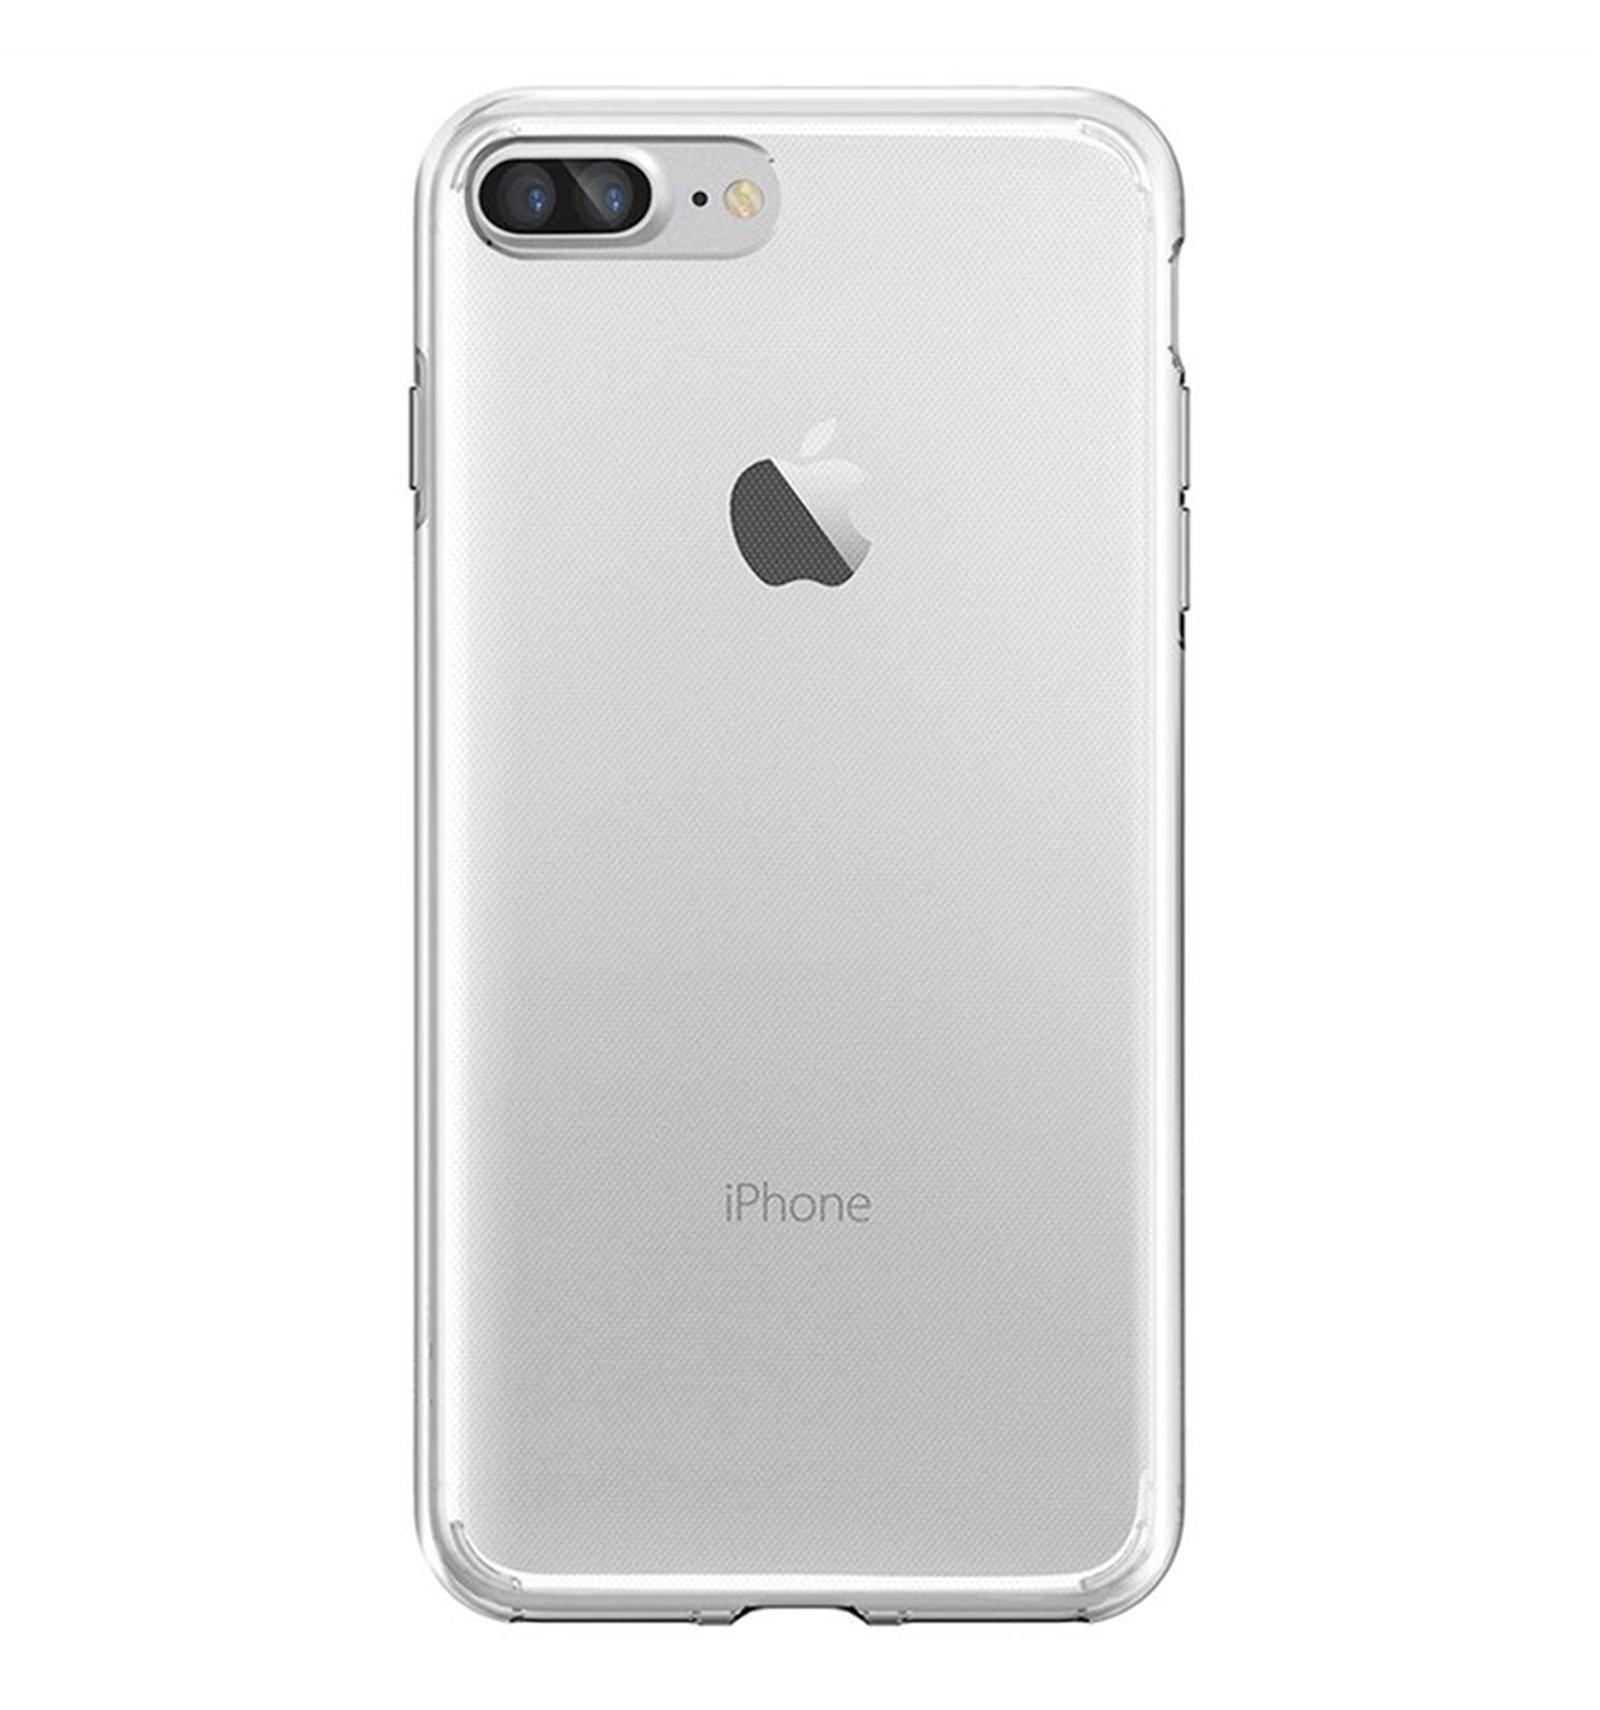 iPhone 7 Plus Funda Silicona Transparente